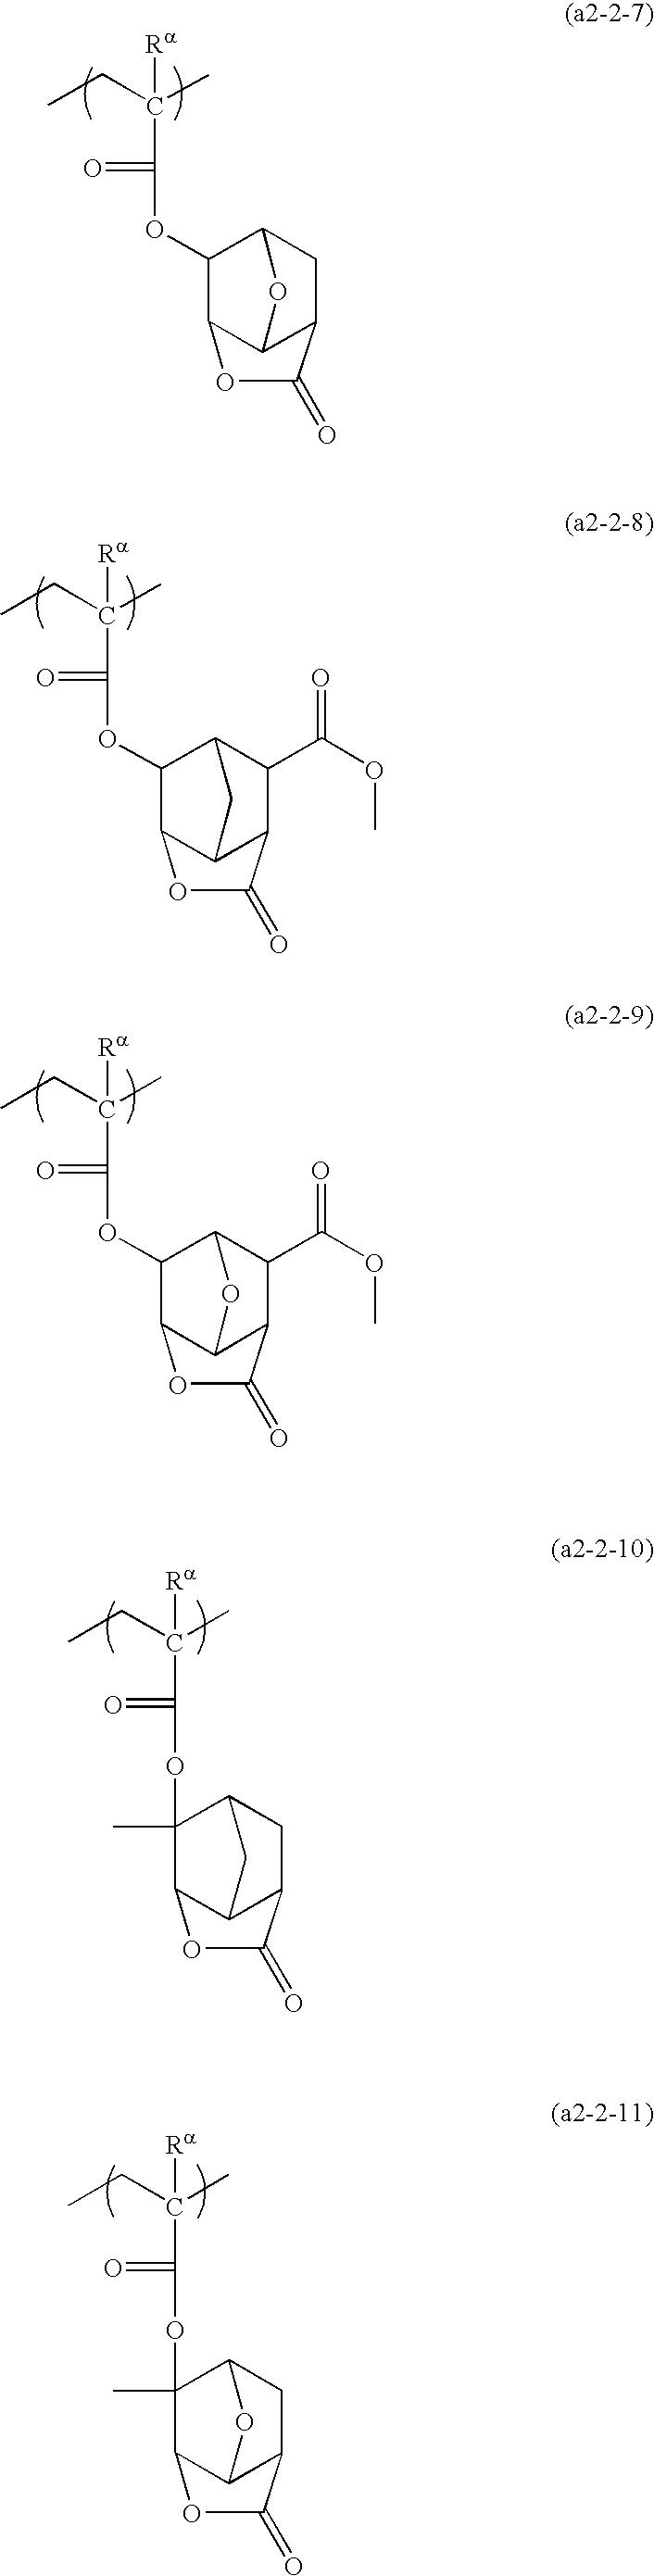 Figure US20100136480A1-20100603-C00060